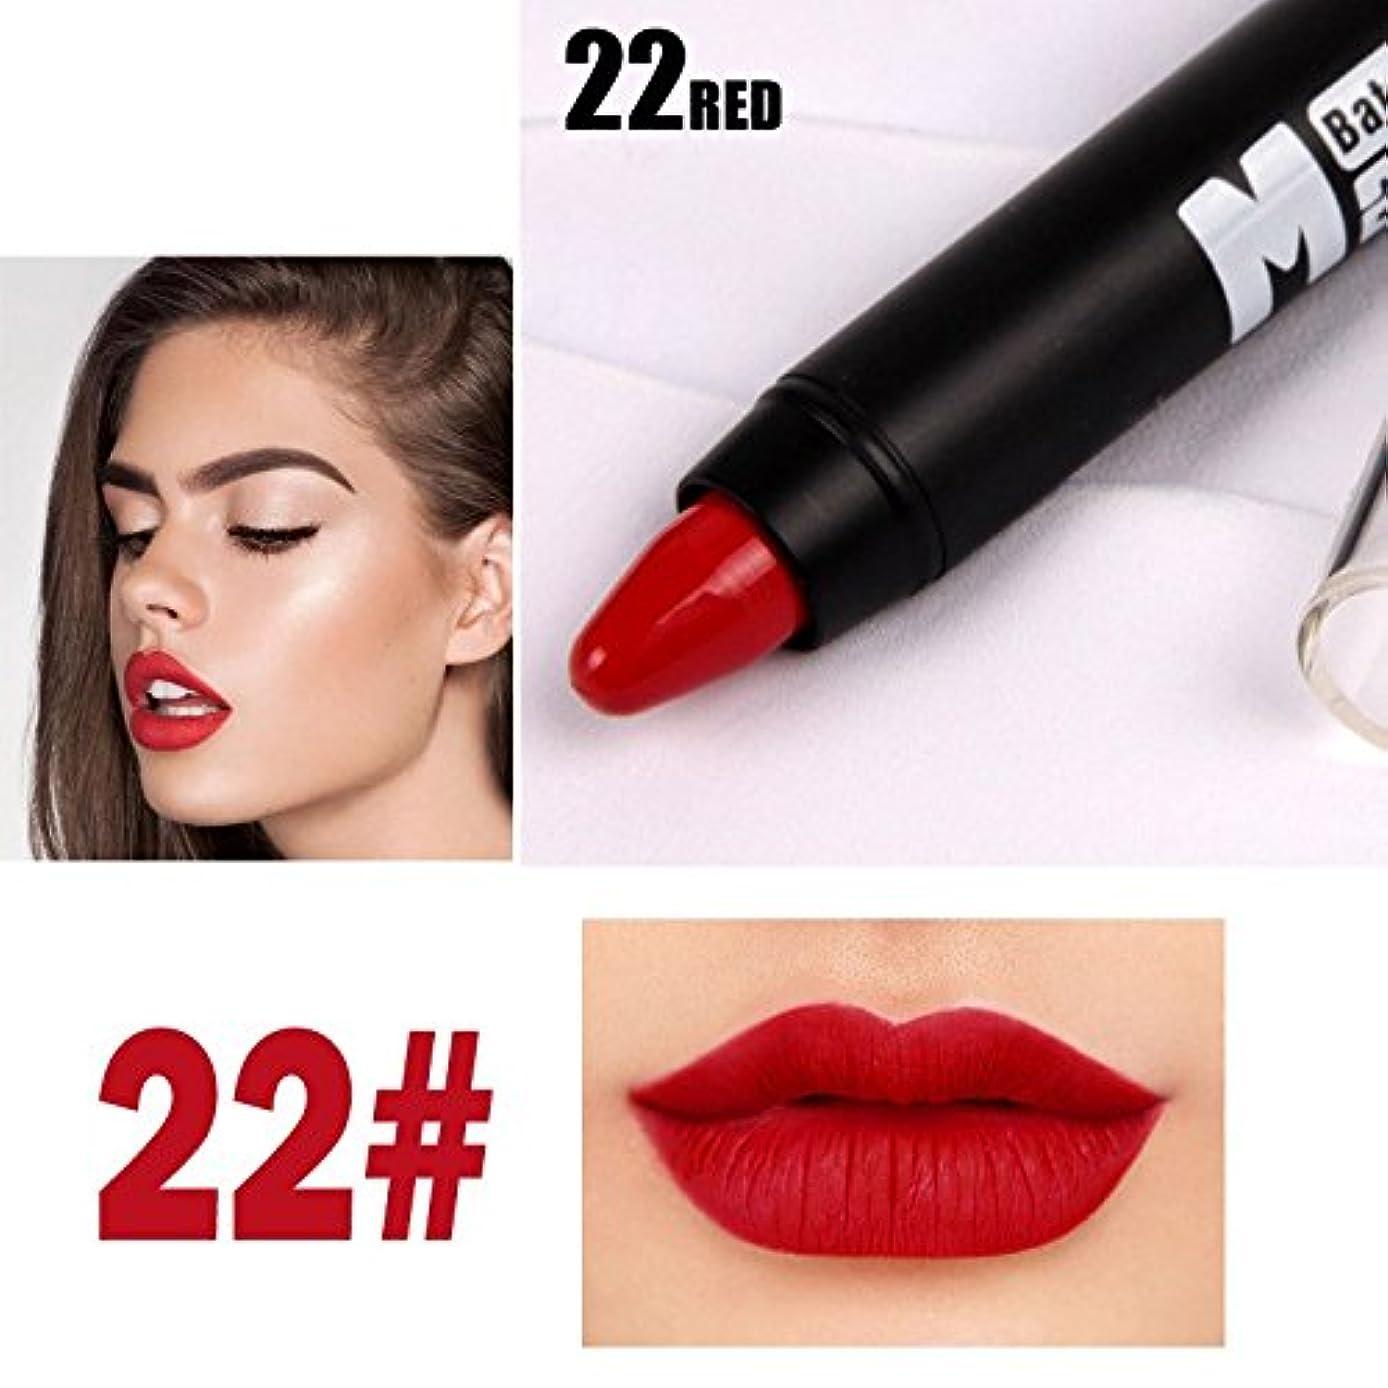 関係する化石ジャベスウィルソンMISS ROSE Professional Women Waterproof Lipstick Lips Cream Beauty Lote Batom Matte Lipstick Nude Pencils Makeup